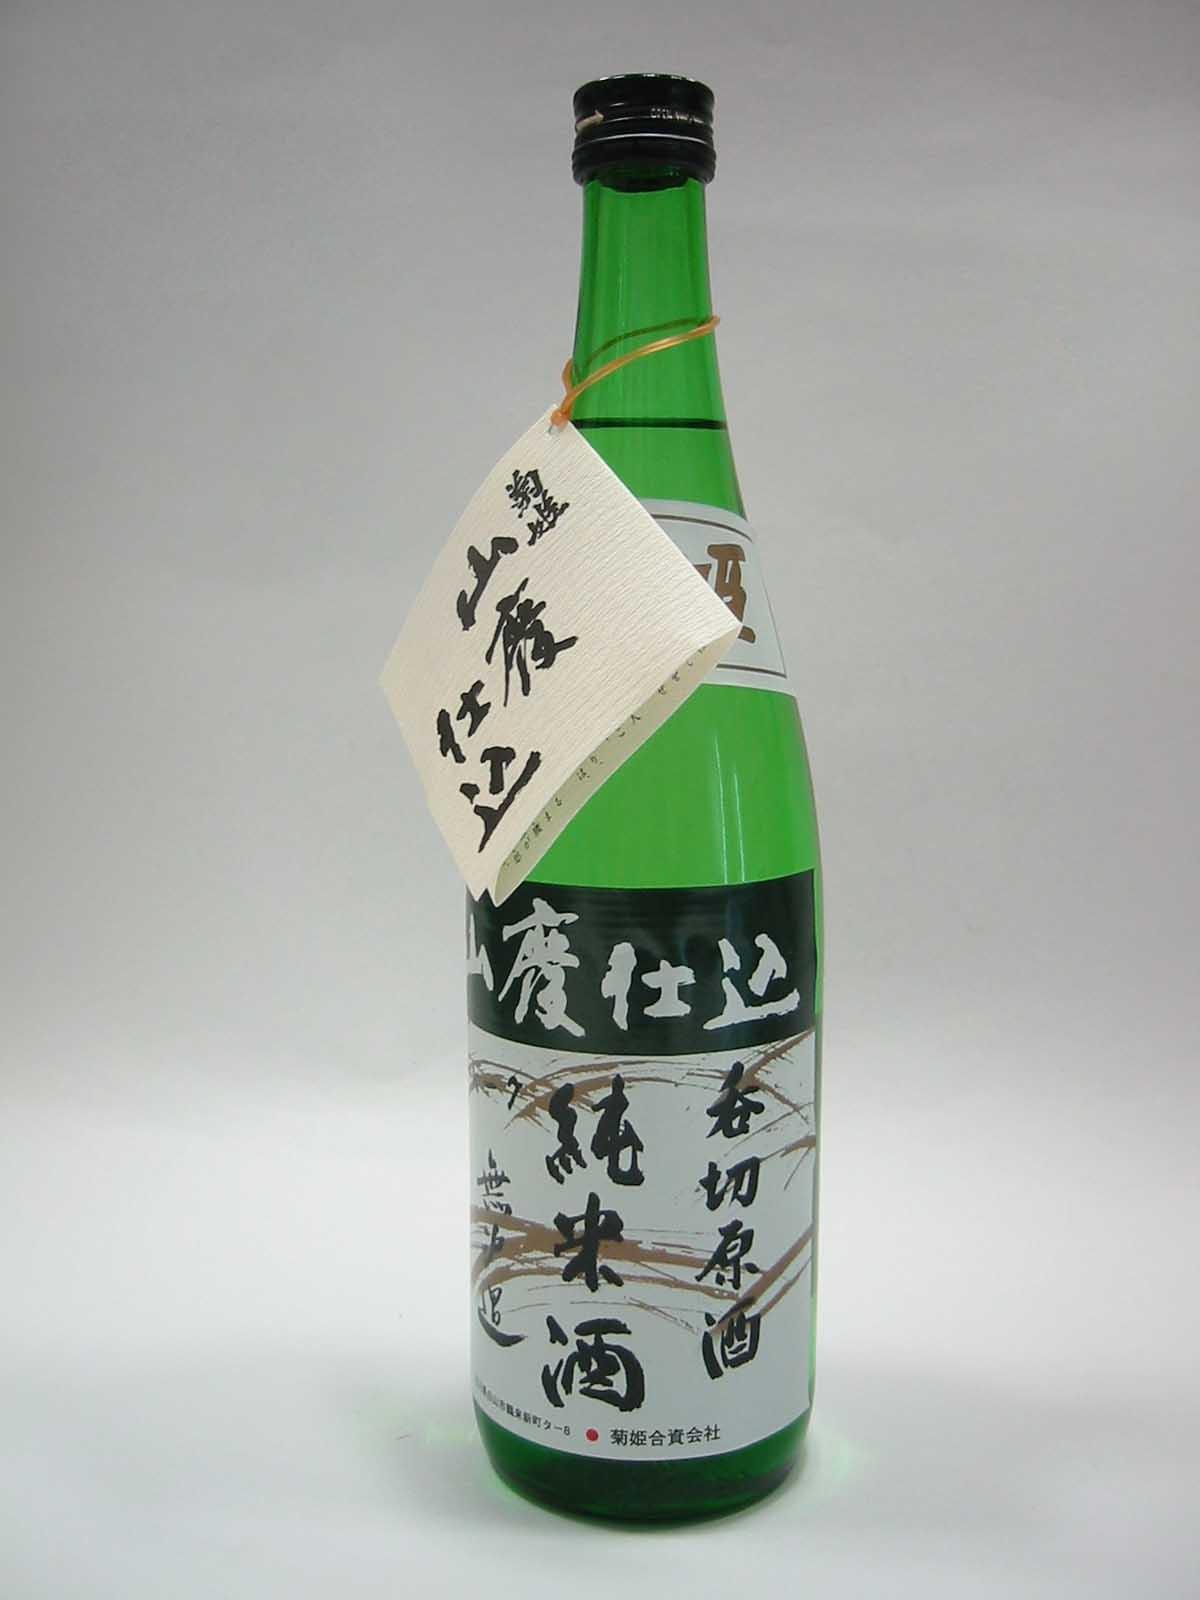 菊姫 山廃純米呑切原酒 無濾過 1800ml【夏季限定】要冷蔵